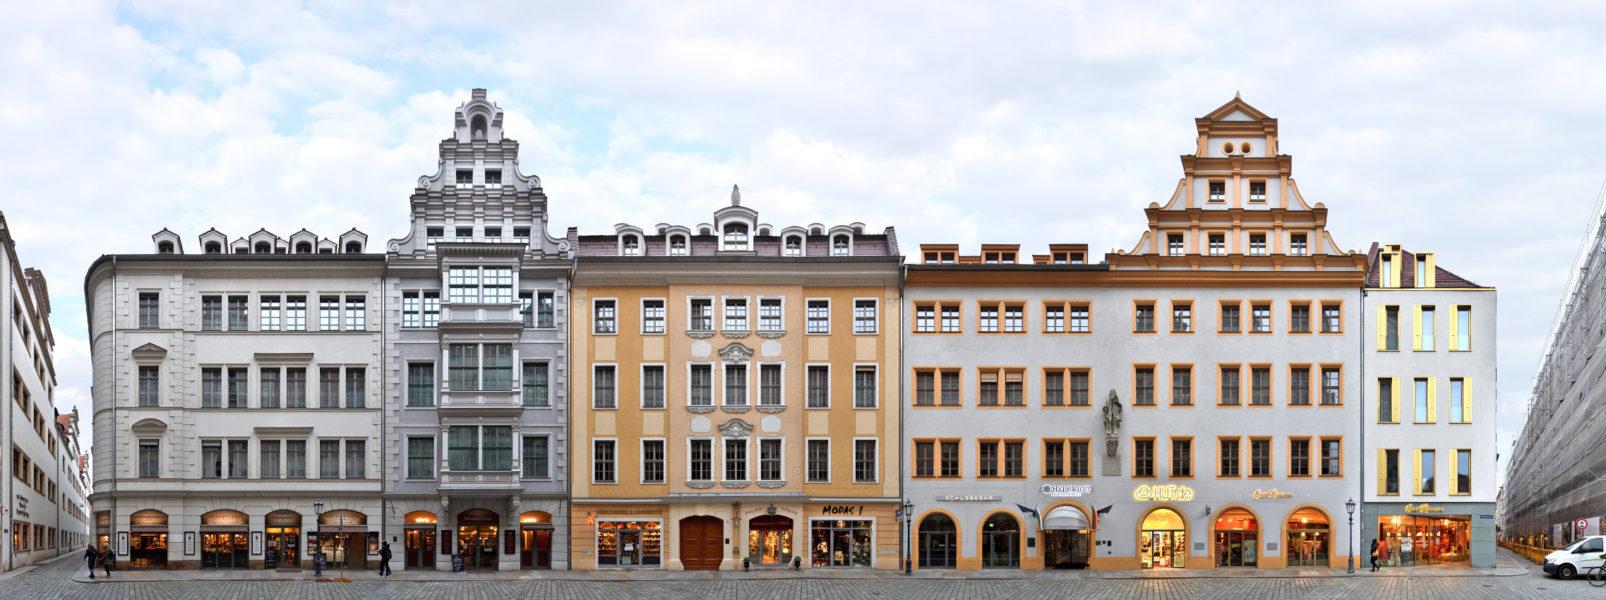 Schloßstraße | Fraumutterhaus | Rekonstruktion